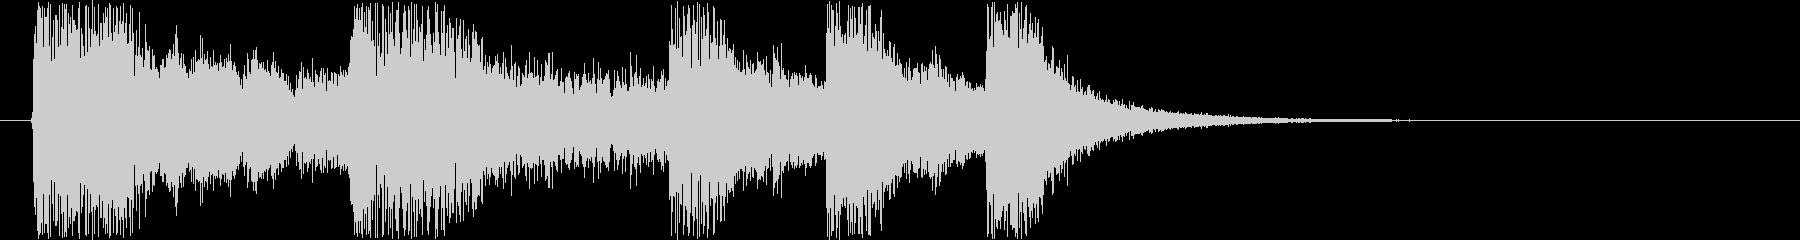 コミカルなジングル音の未再生の波形